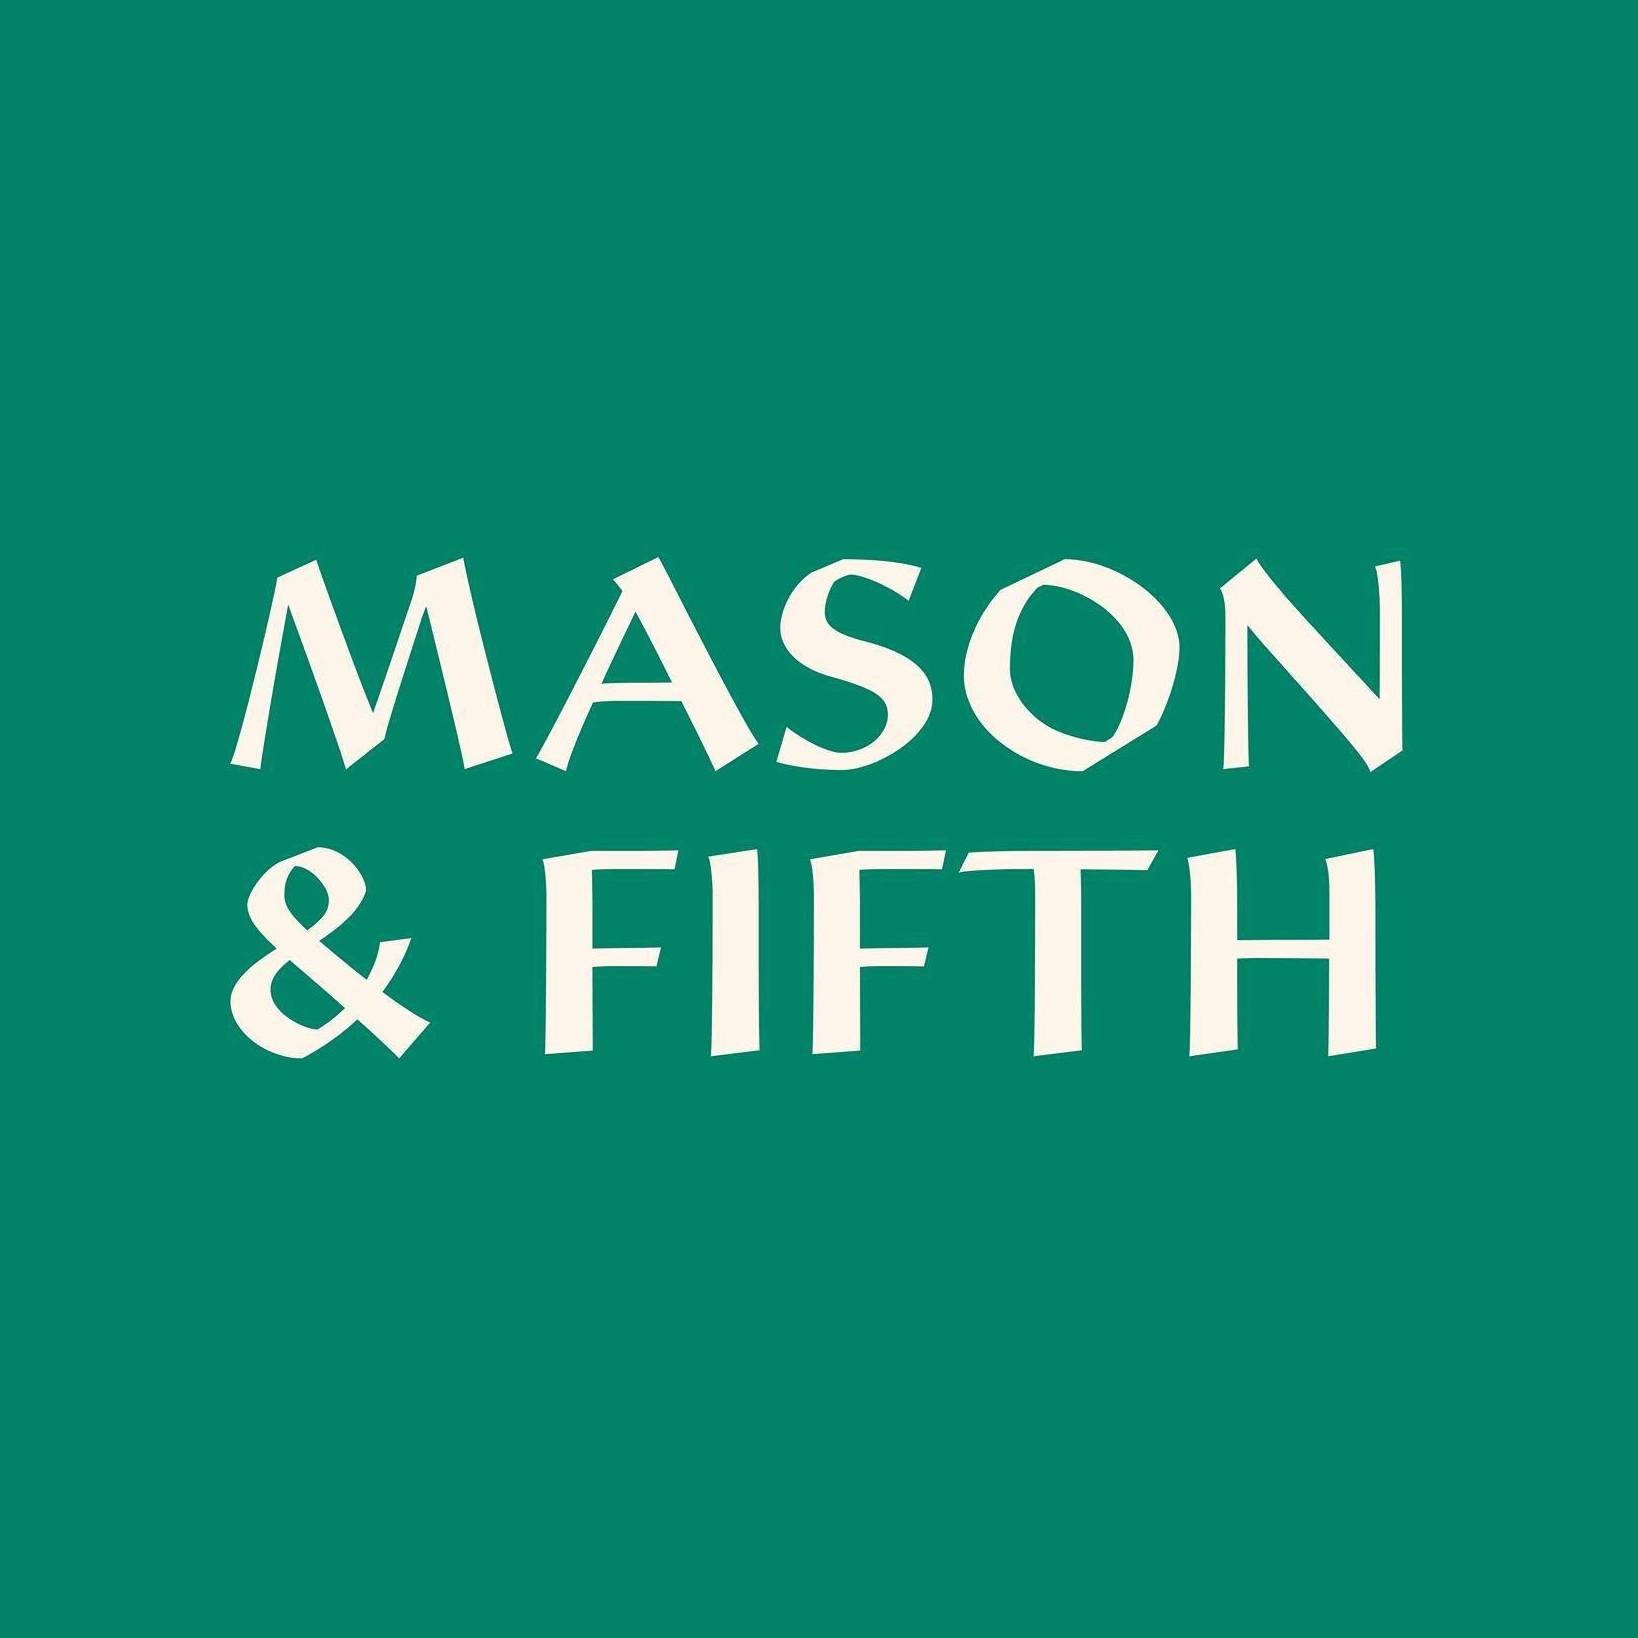 Mason & Fifth